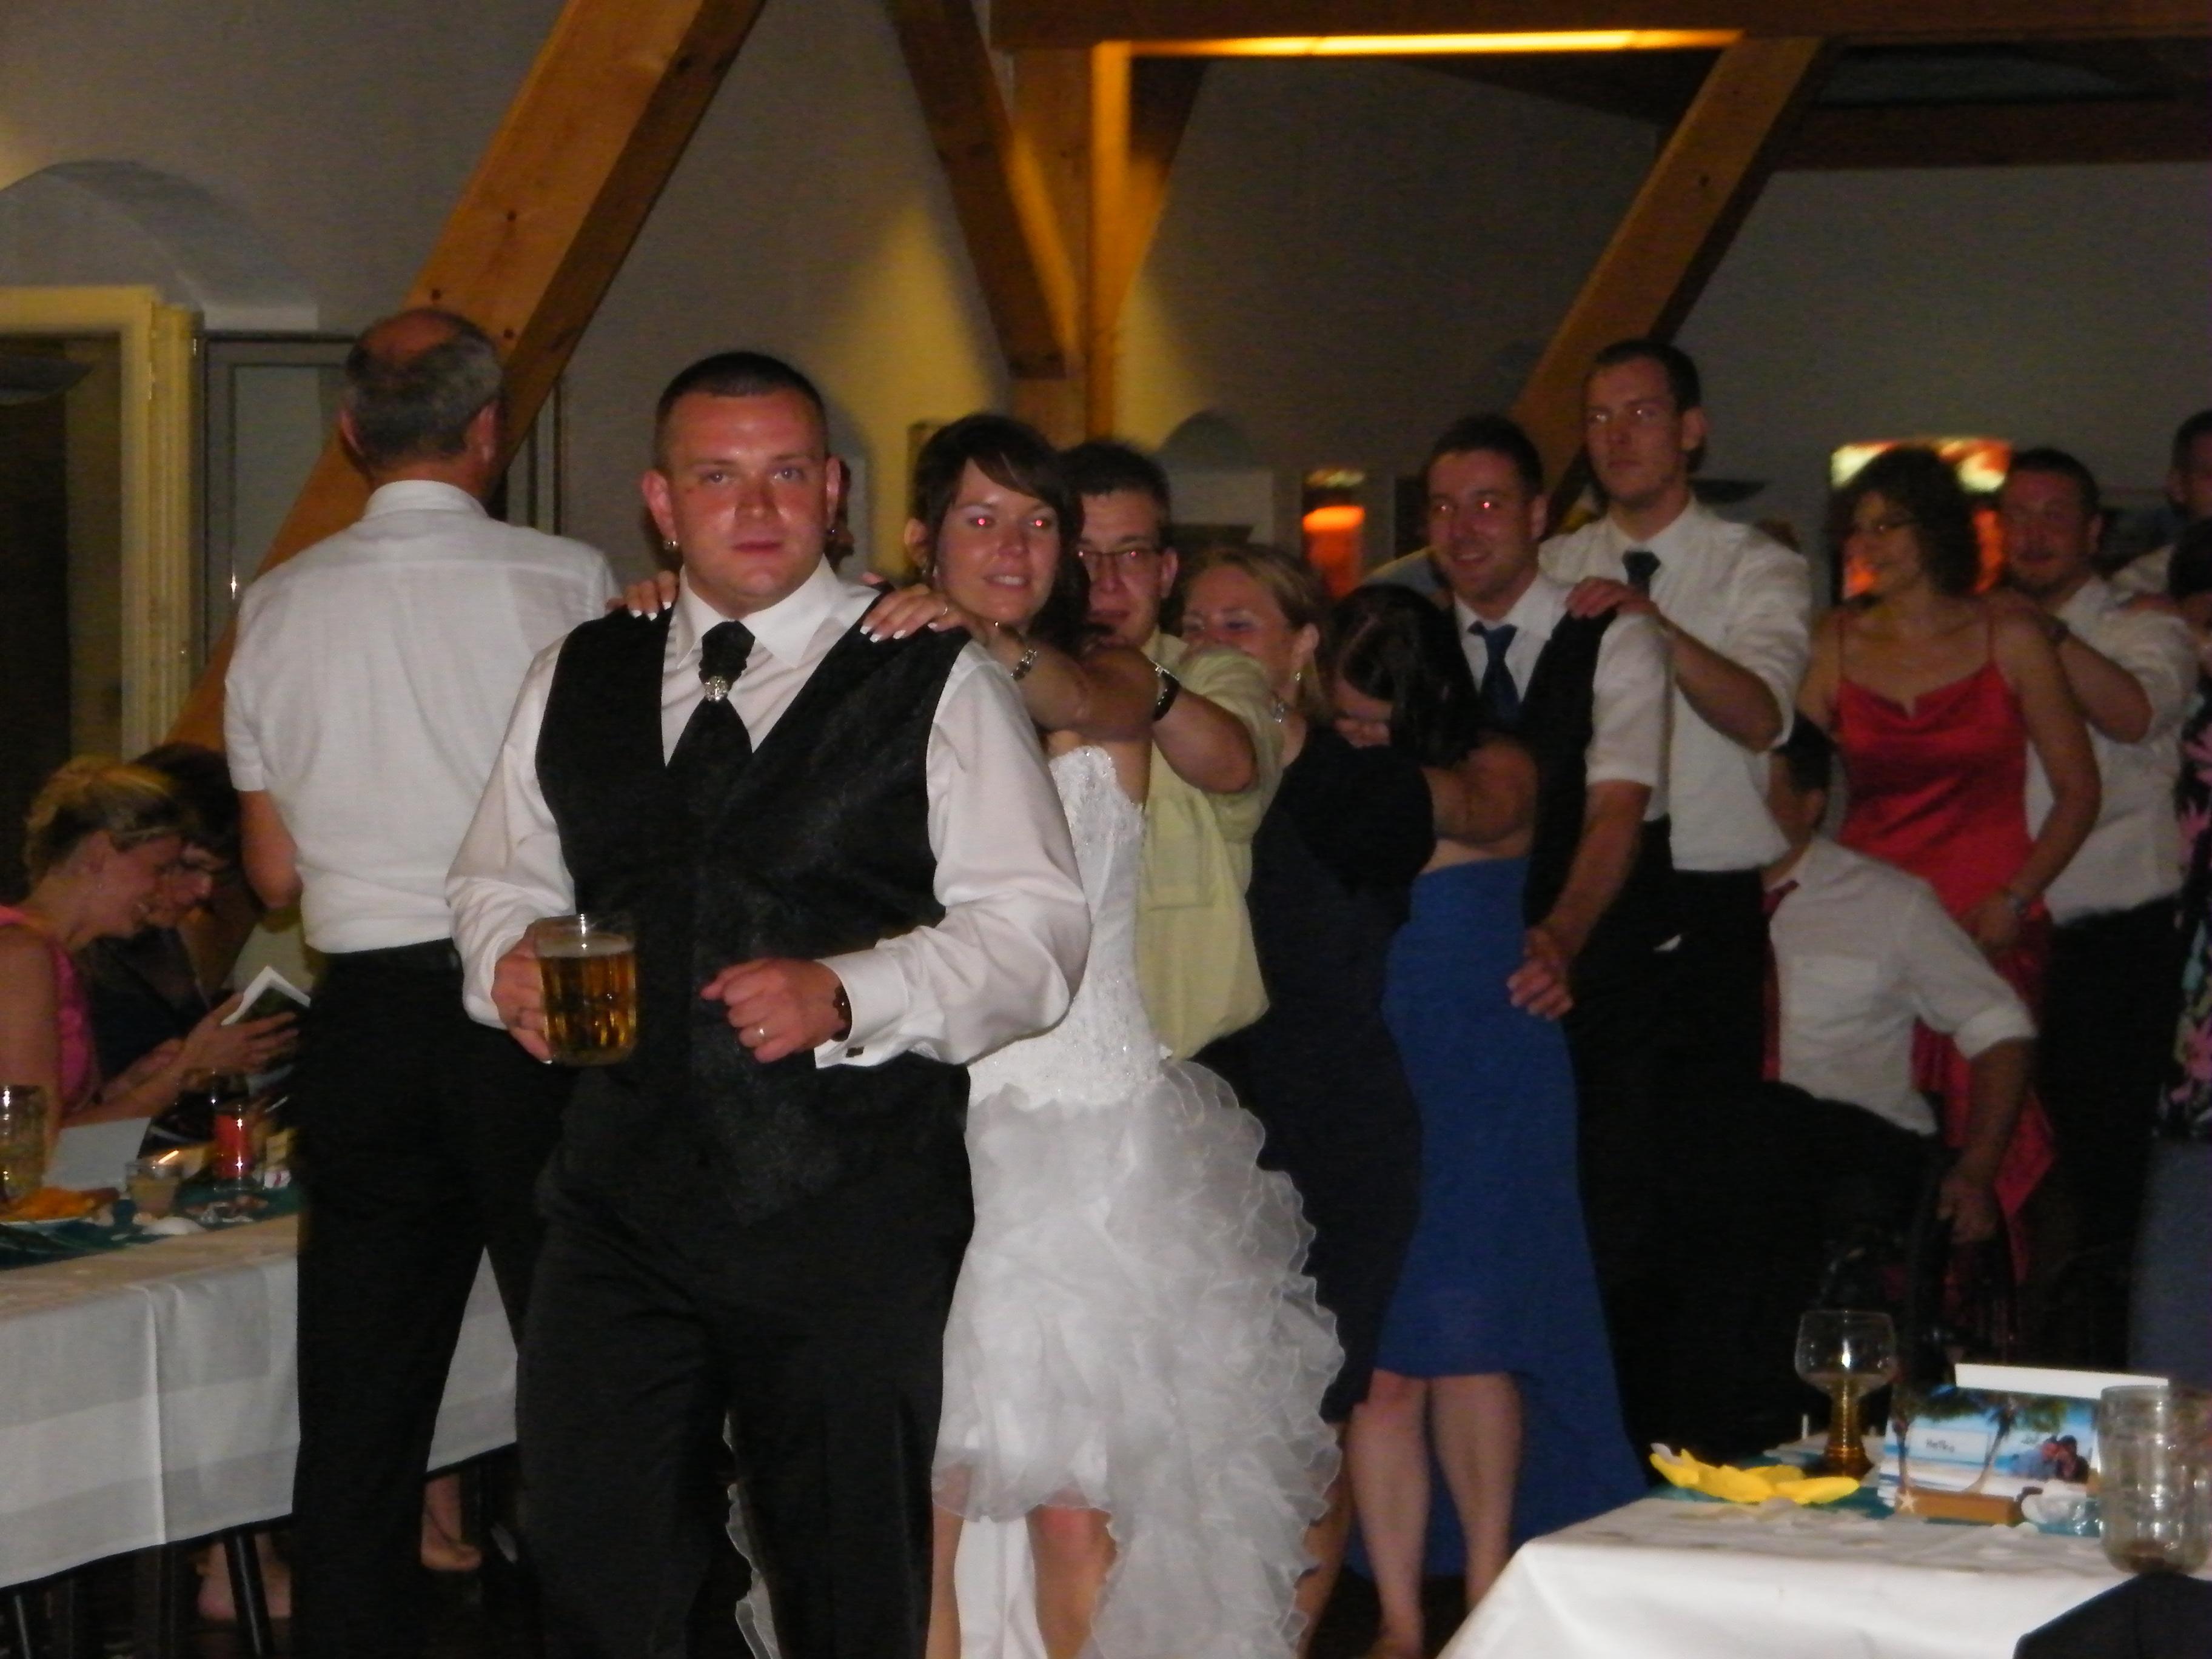 Veranstaltungsservice Nossen | Sachsen | Party Fullservice